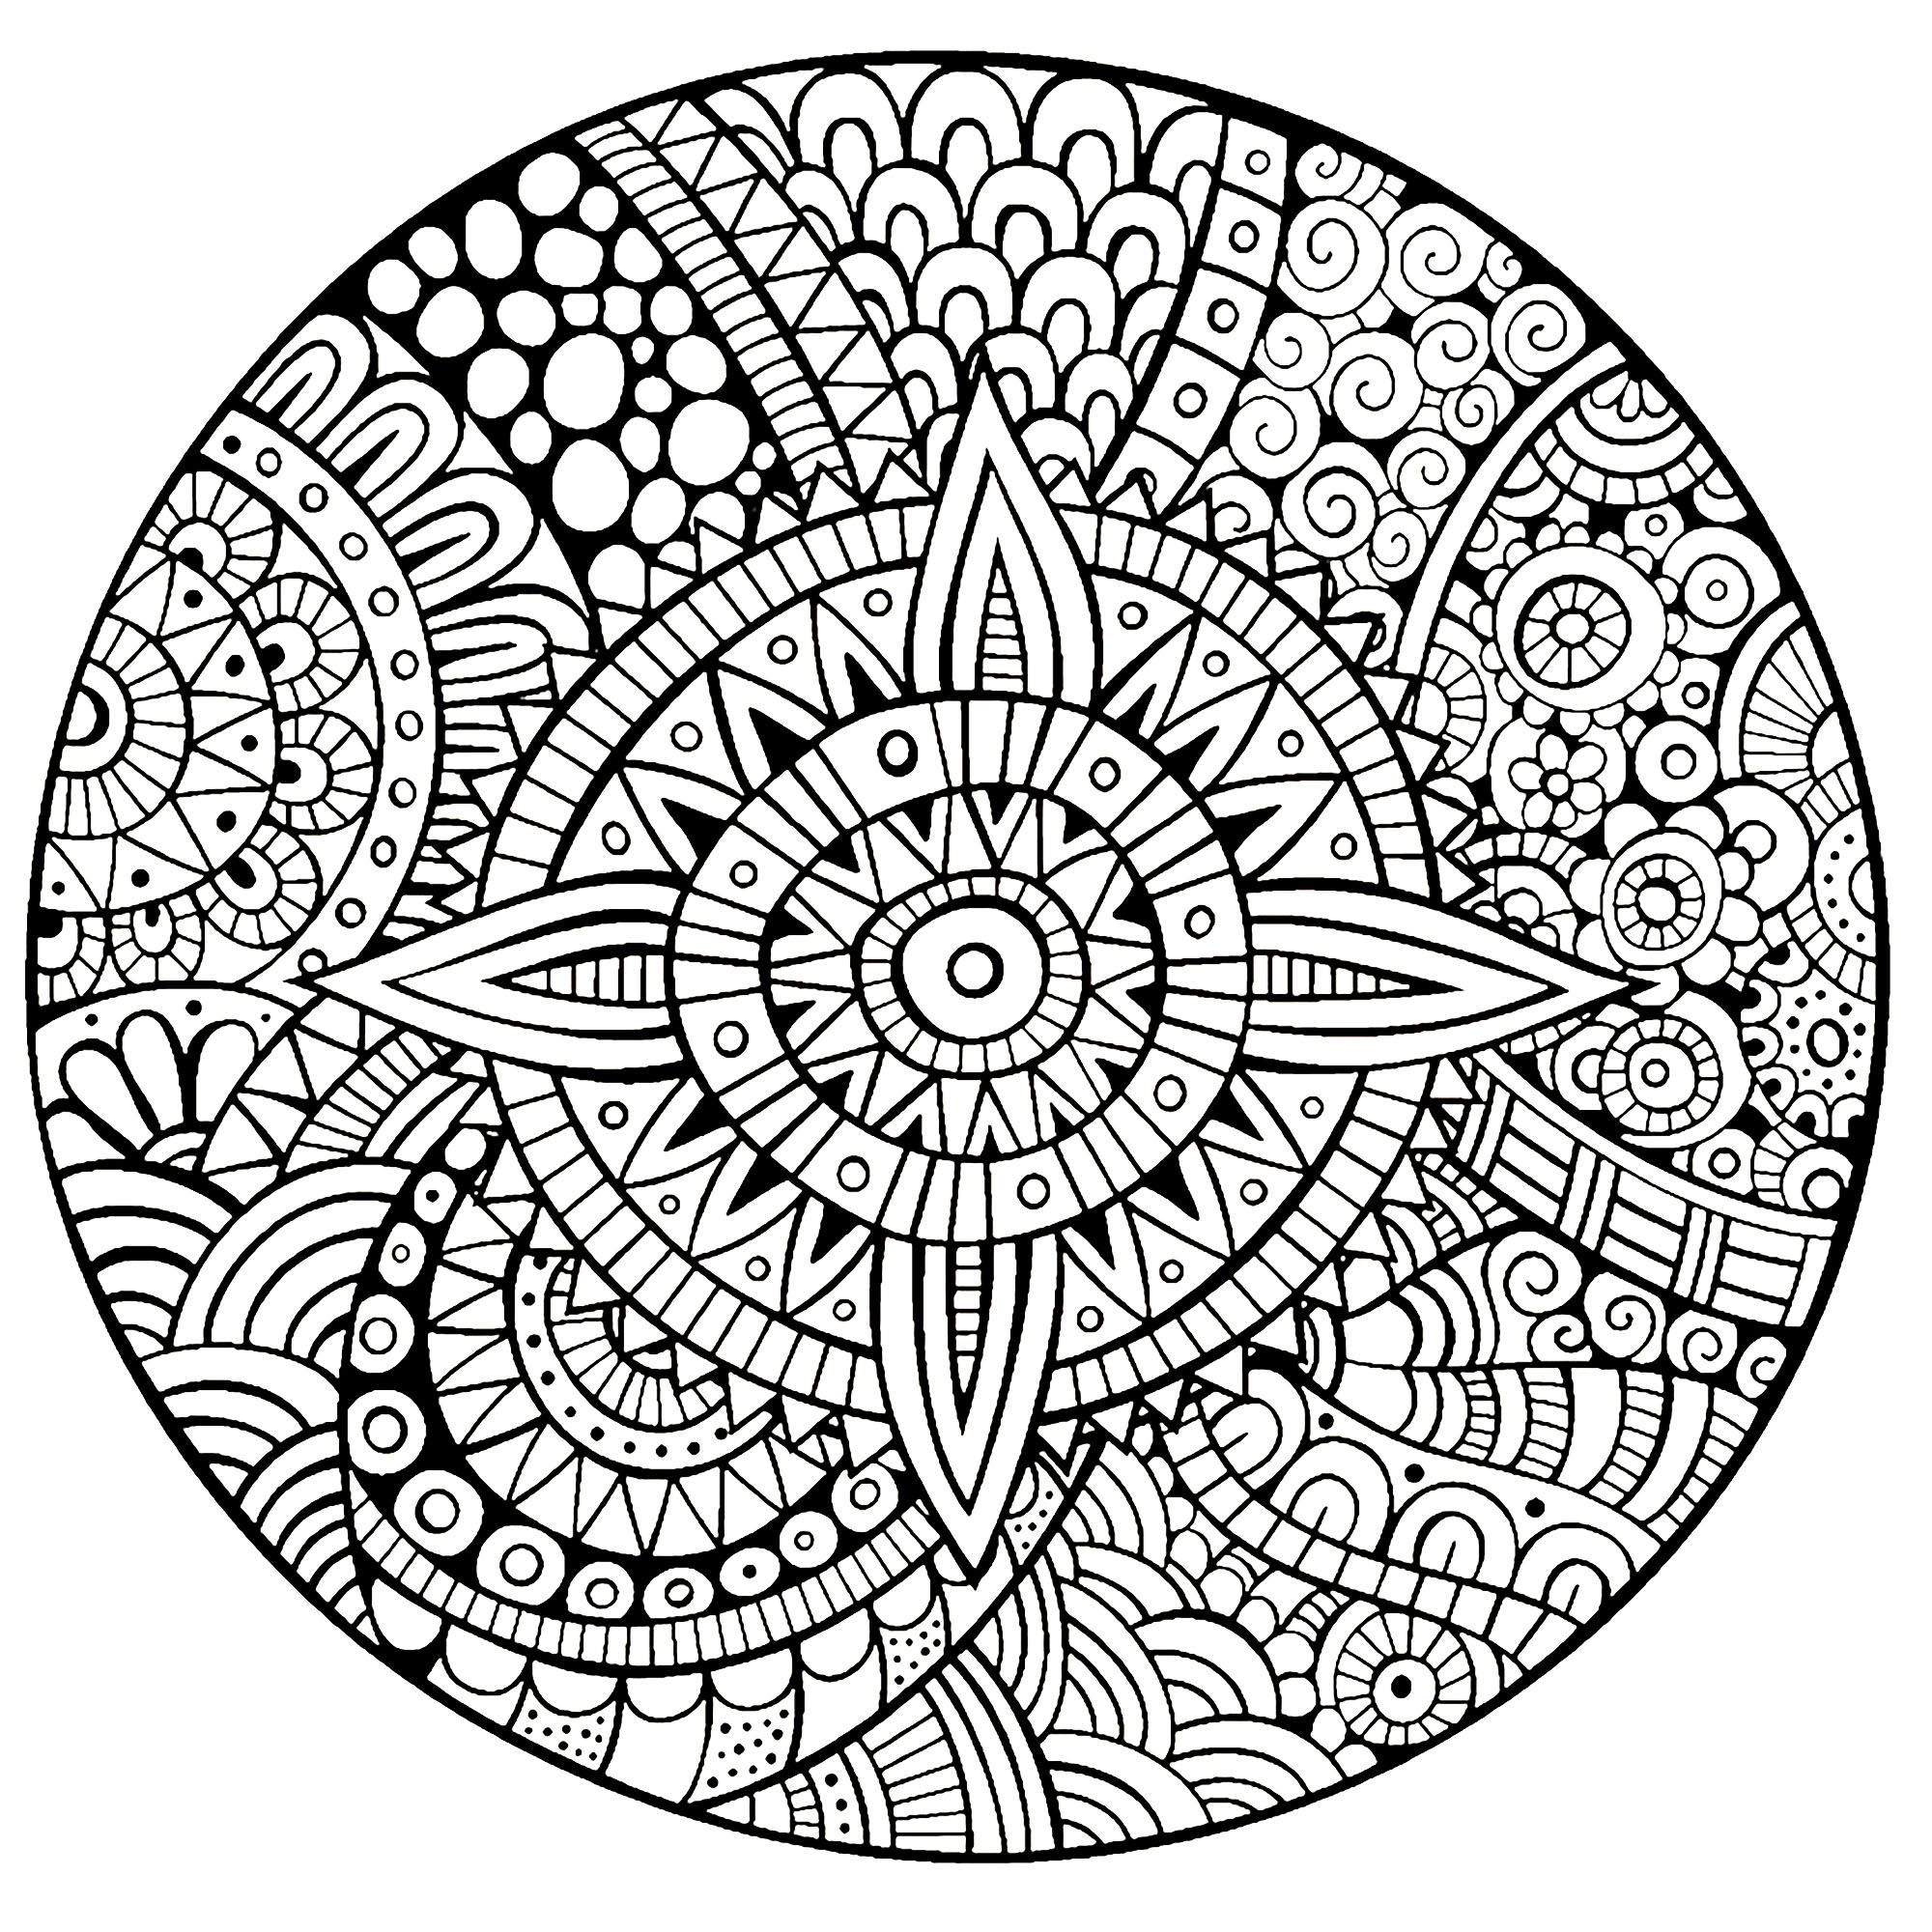 Disegni da colorare per adulti : Mandalas - 210